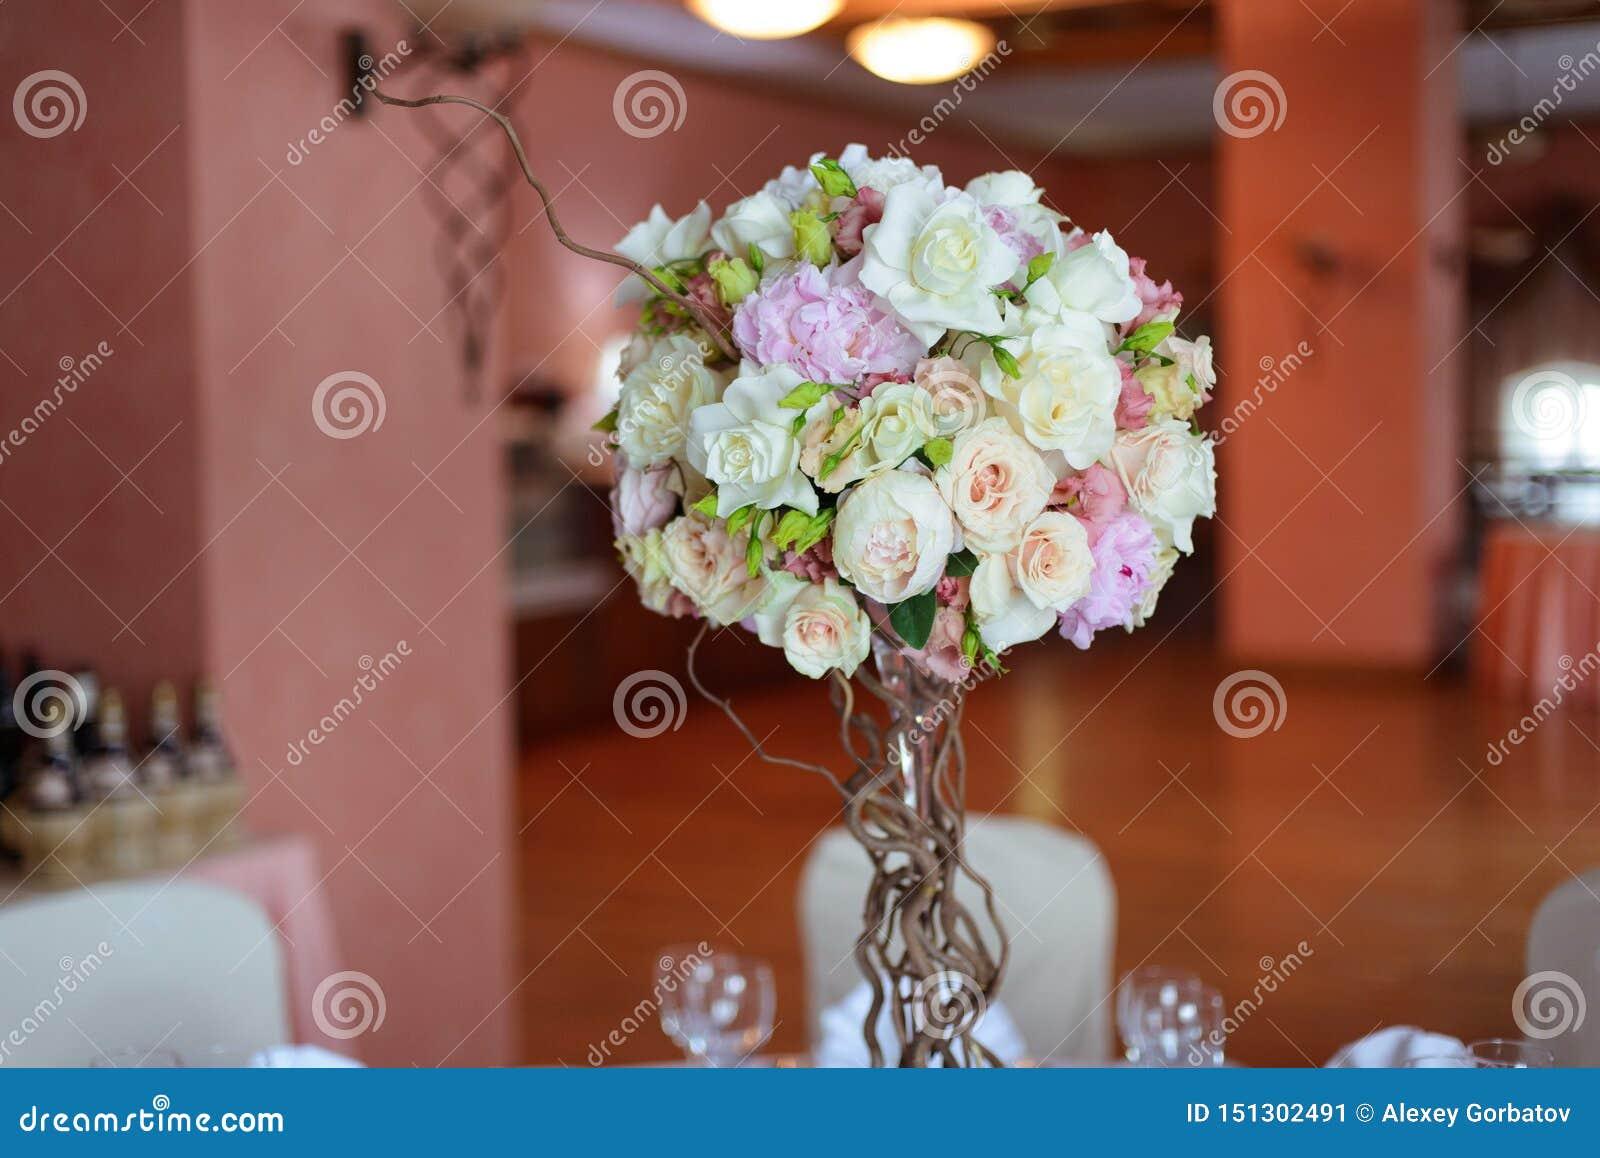 Het boeket van bloemen op een been binnen het restaurant voor een viering winkelt floristry of huwelijkssalon